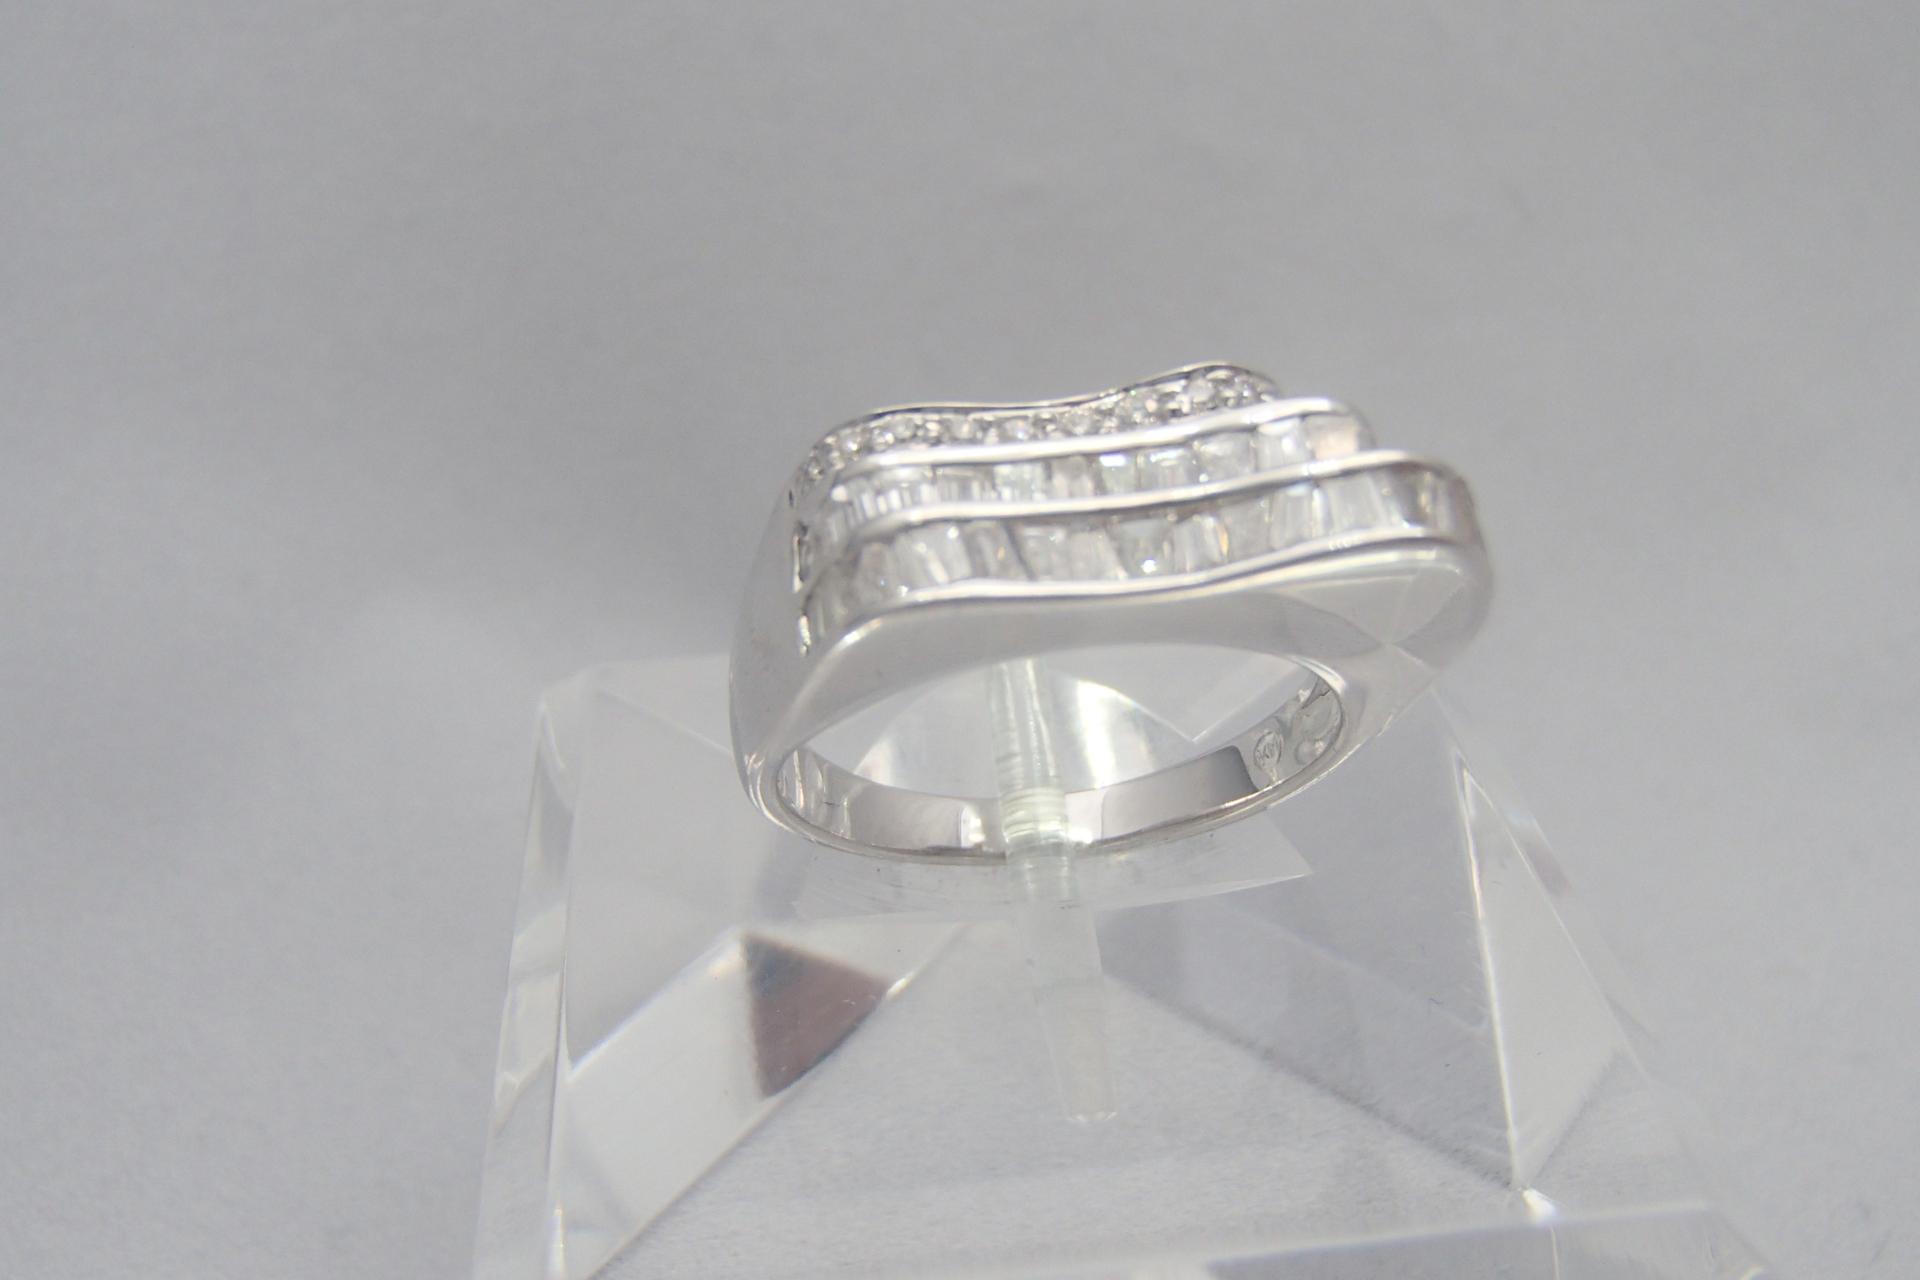 憧れのダイヤモンドの婚約指輪!相場はどのぐらいでしょうか?